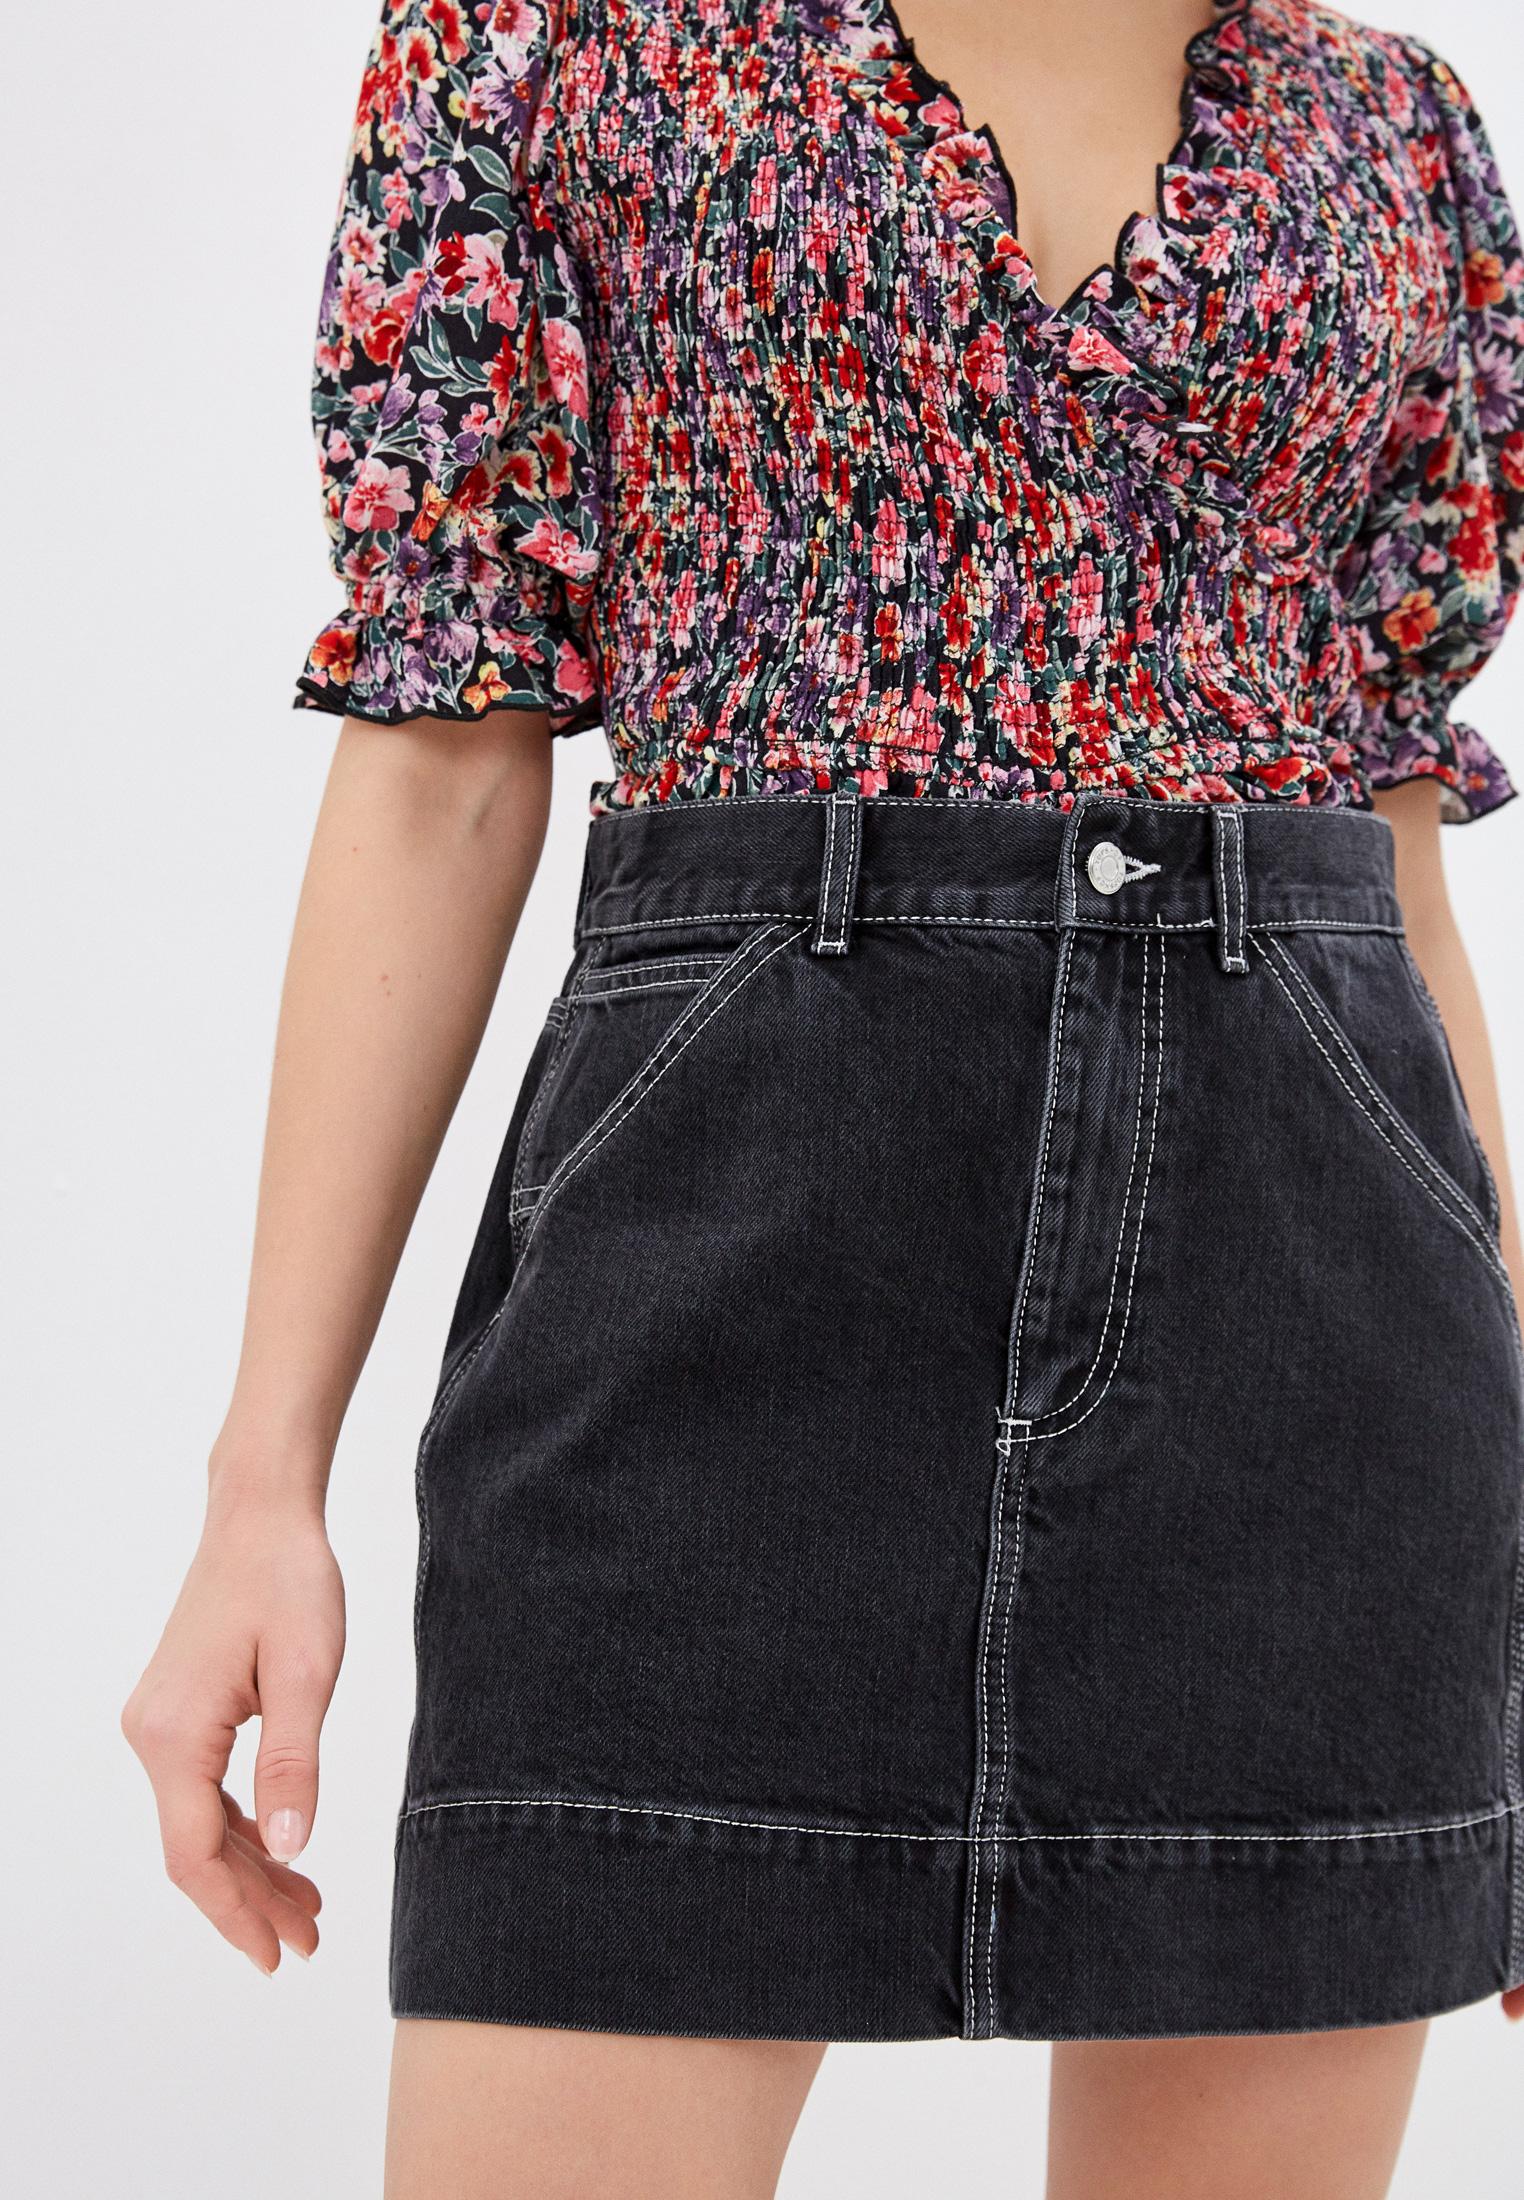 Джинсовая юбка Topshop (Топ Шоп) Юбка джинсовая Topshop